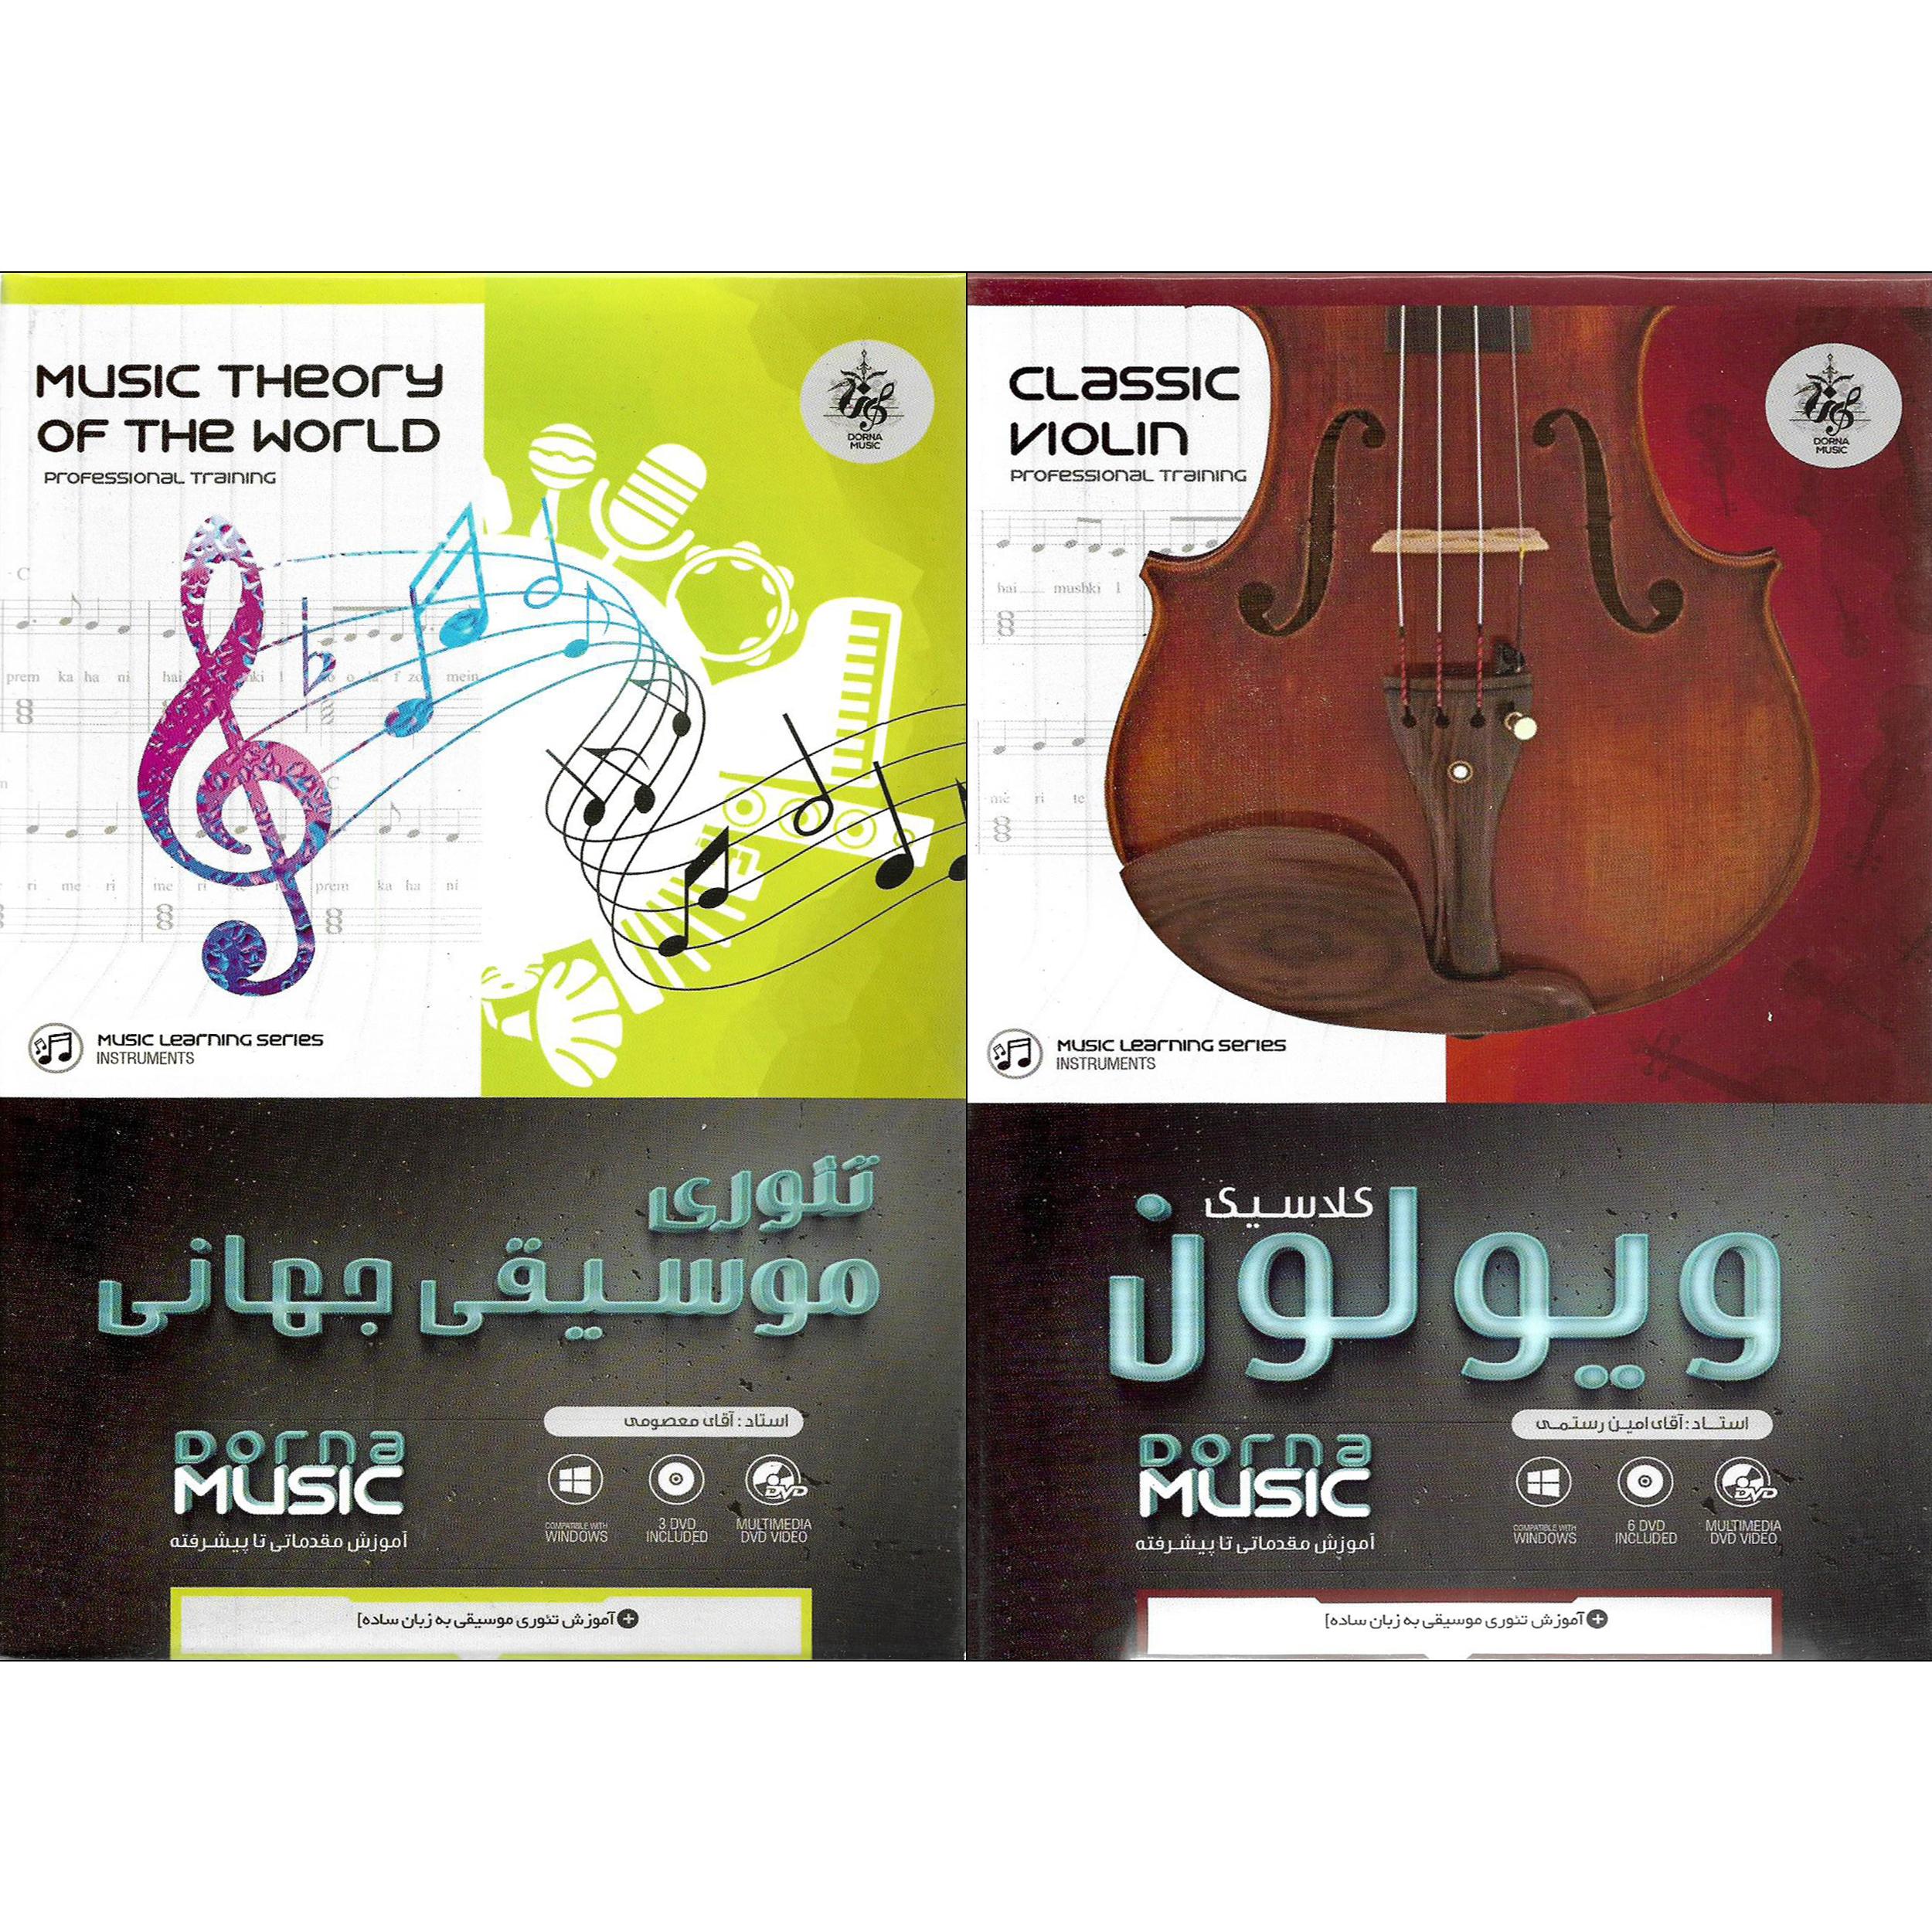 نرم افزار آموزش ویولن کلاسیک نشر درنا به همراه نرم افزار آموزش تئوری موسیقی جهانی نشر درنا